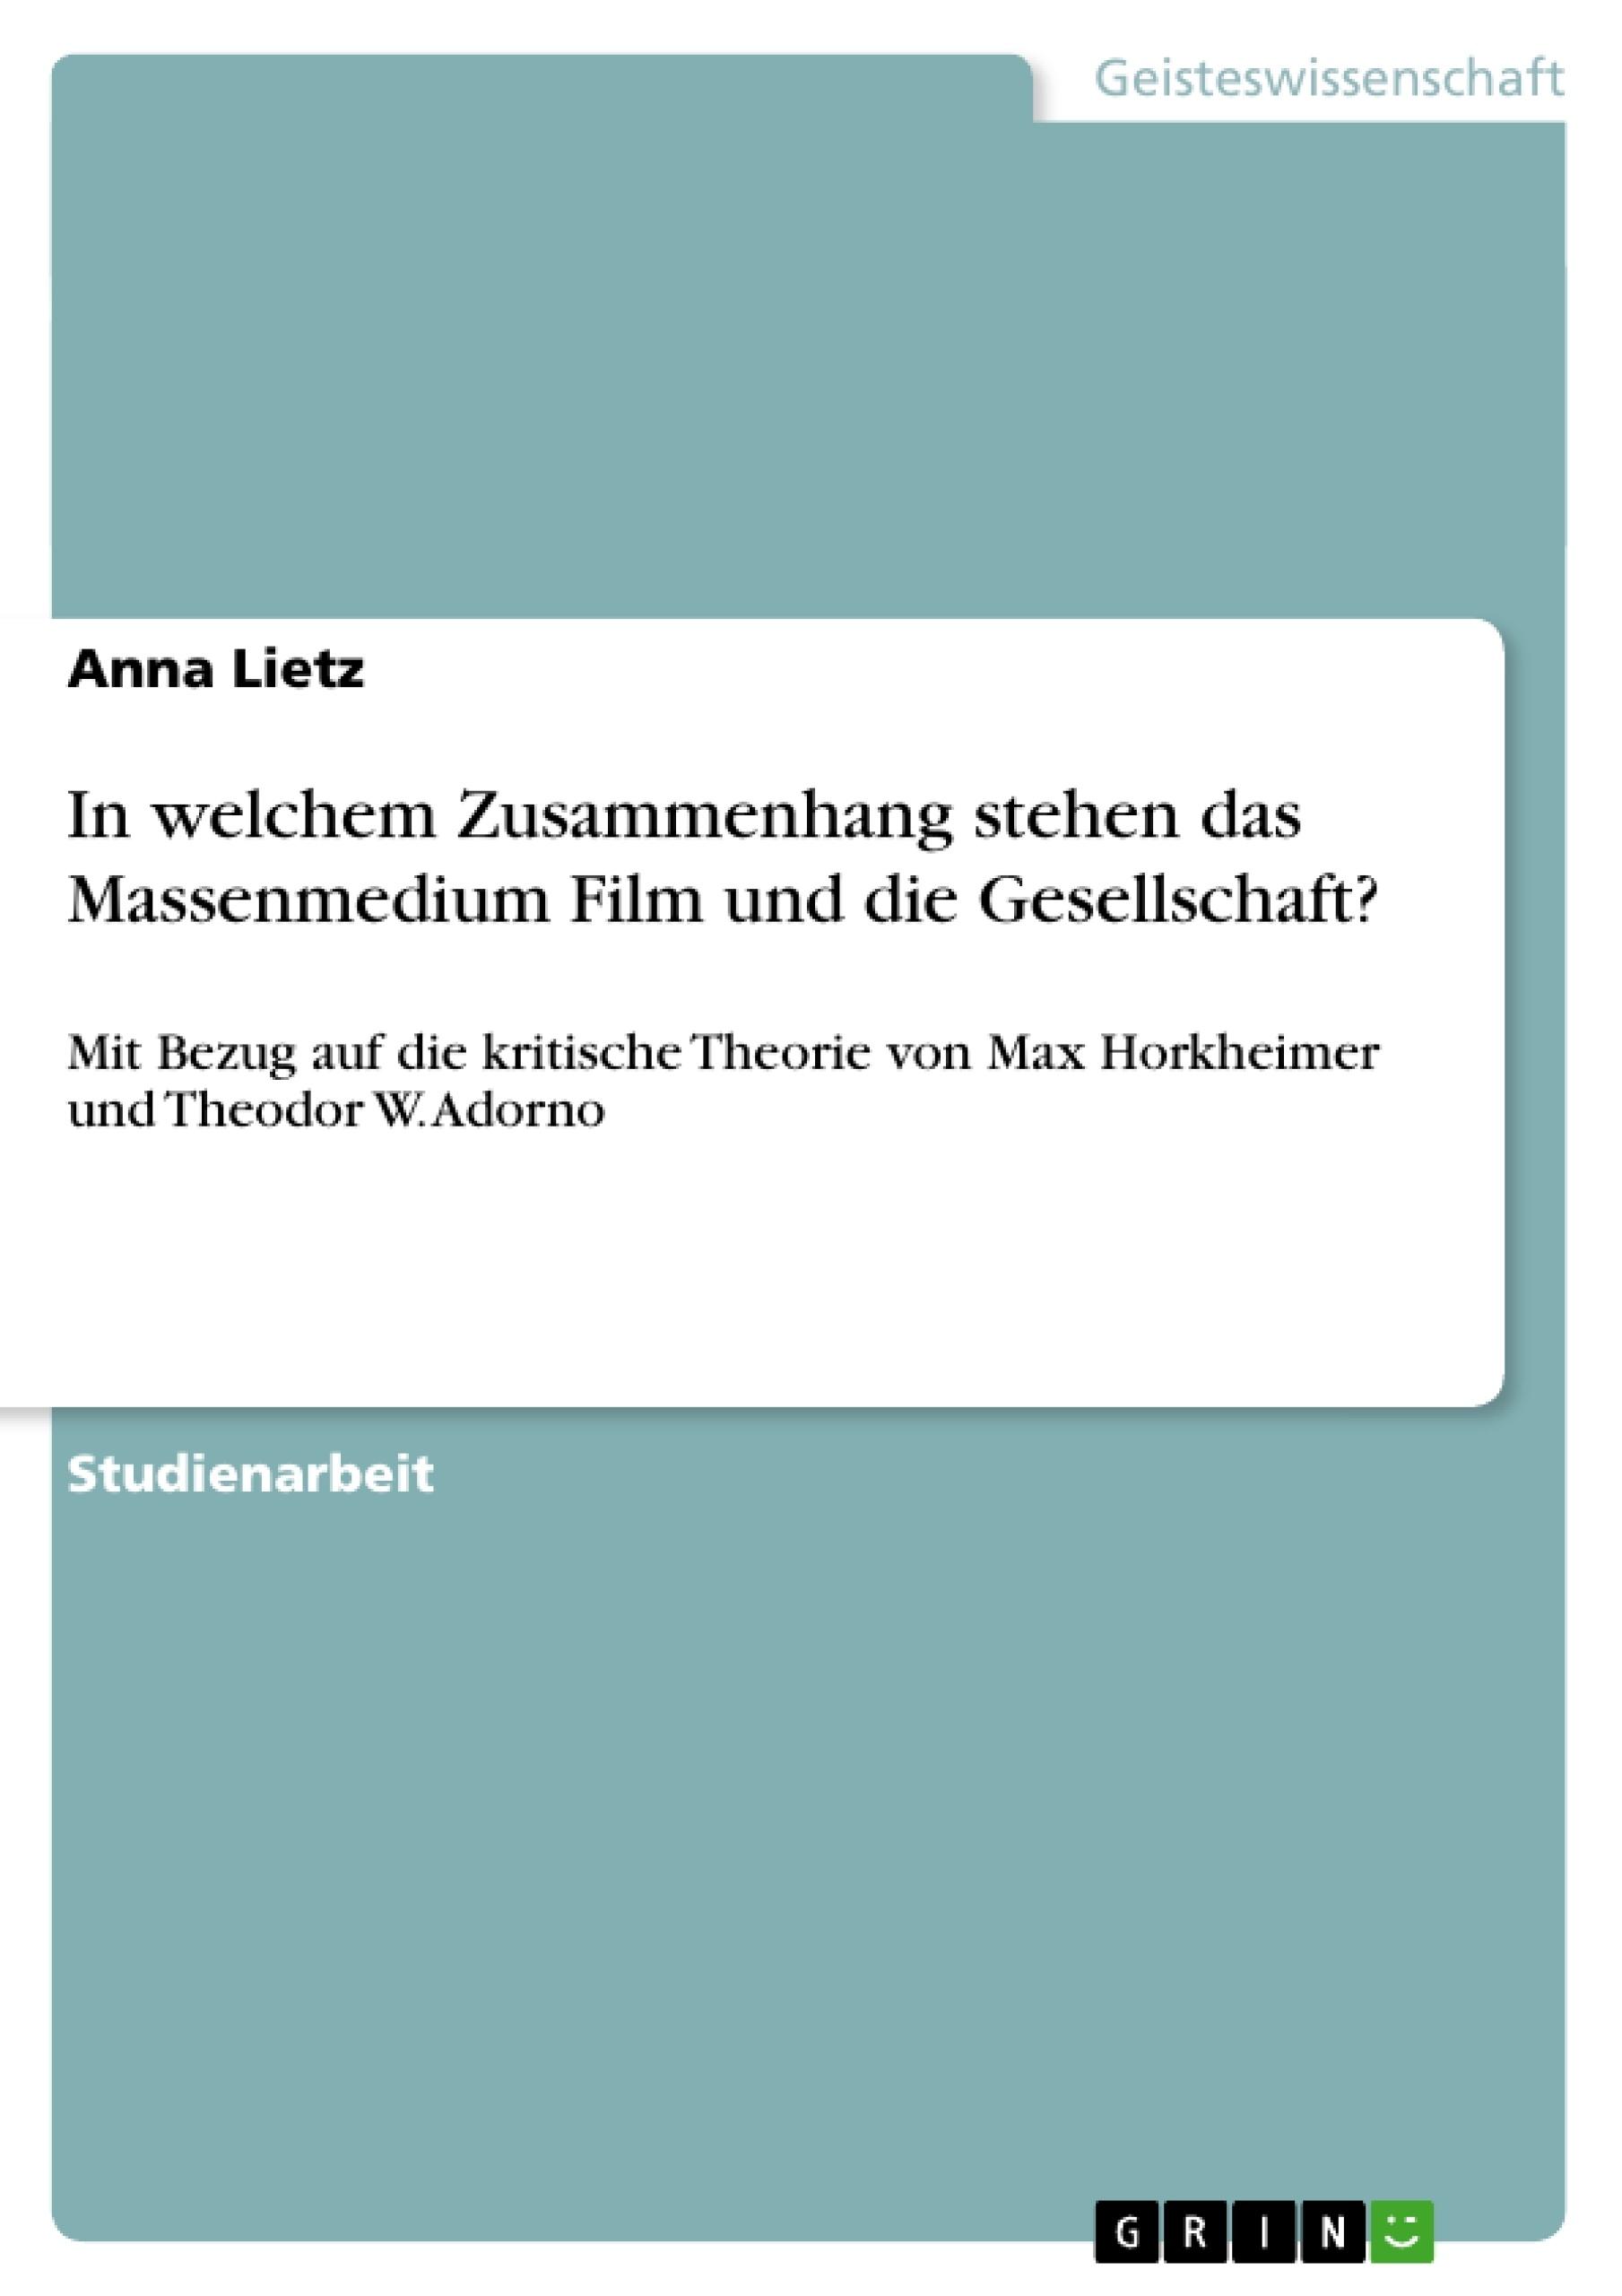 Titel: In welchem Zusammenhang stehen das Massenmedium Film und die Gesellschaft?